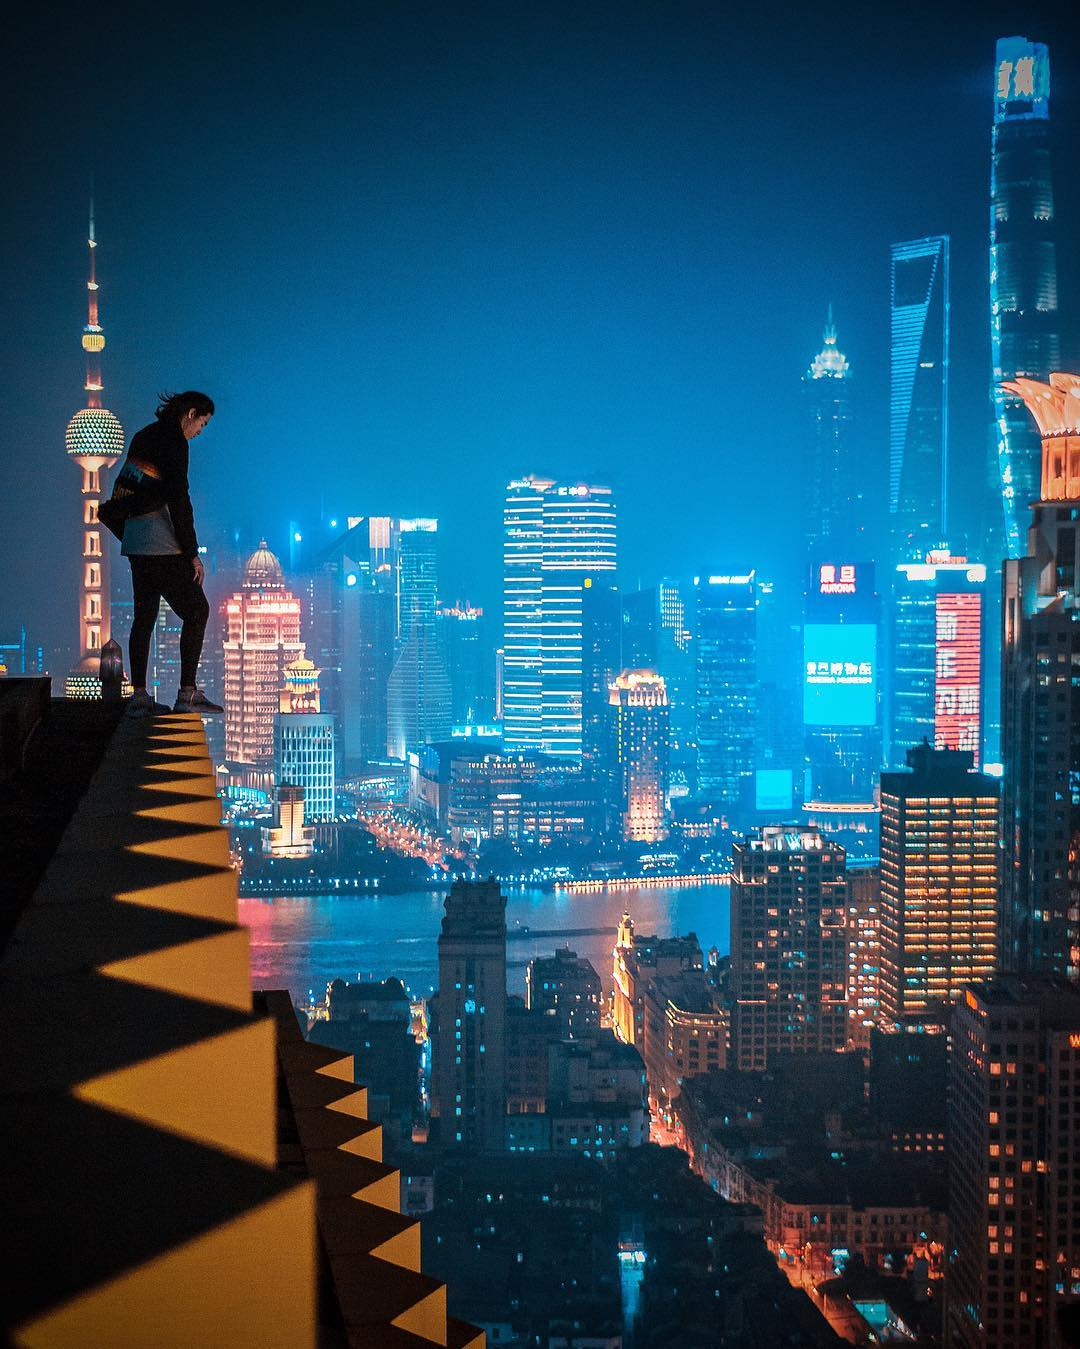 Ночные сцены на городских улицах Китая от Виктора Чанга